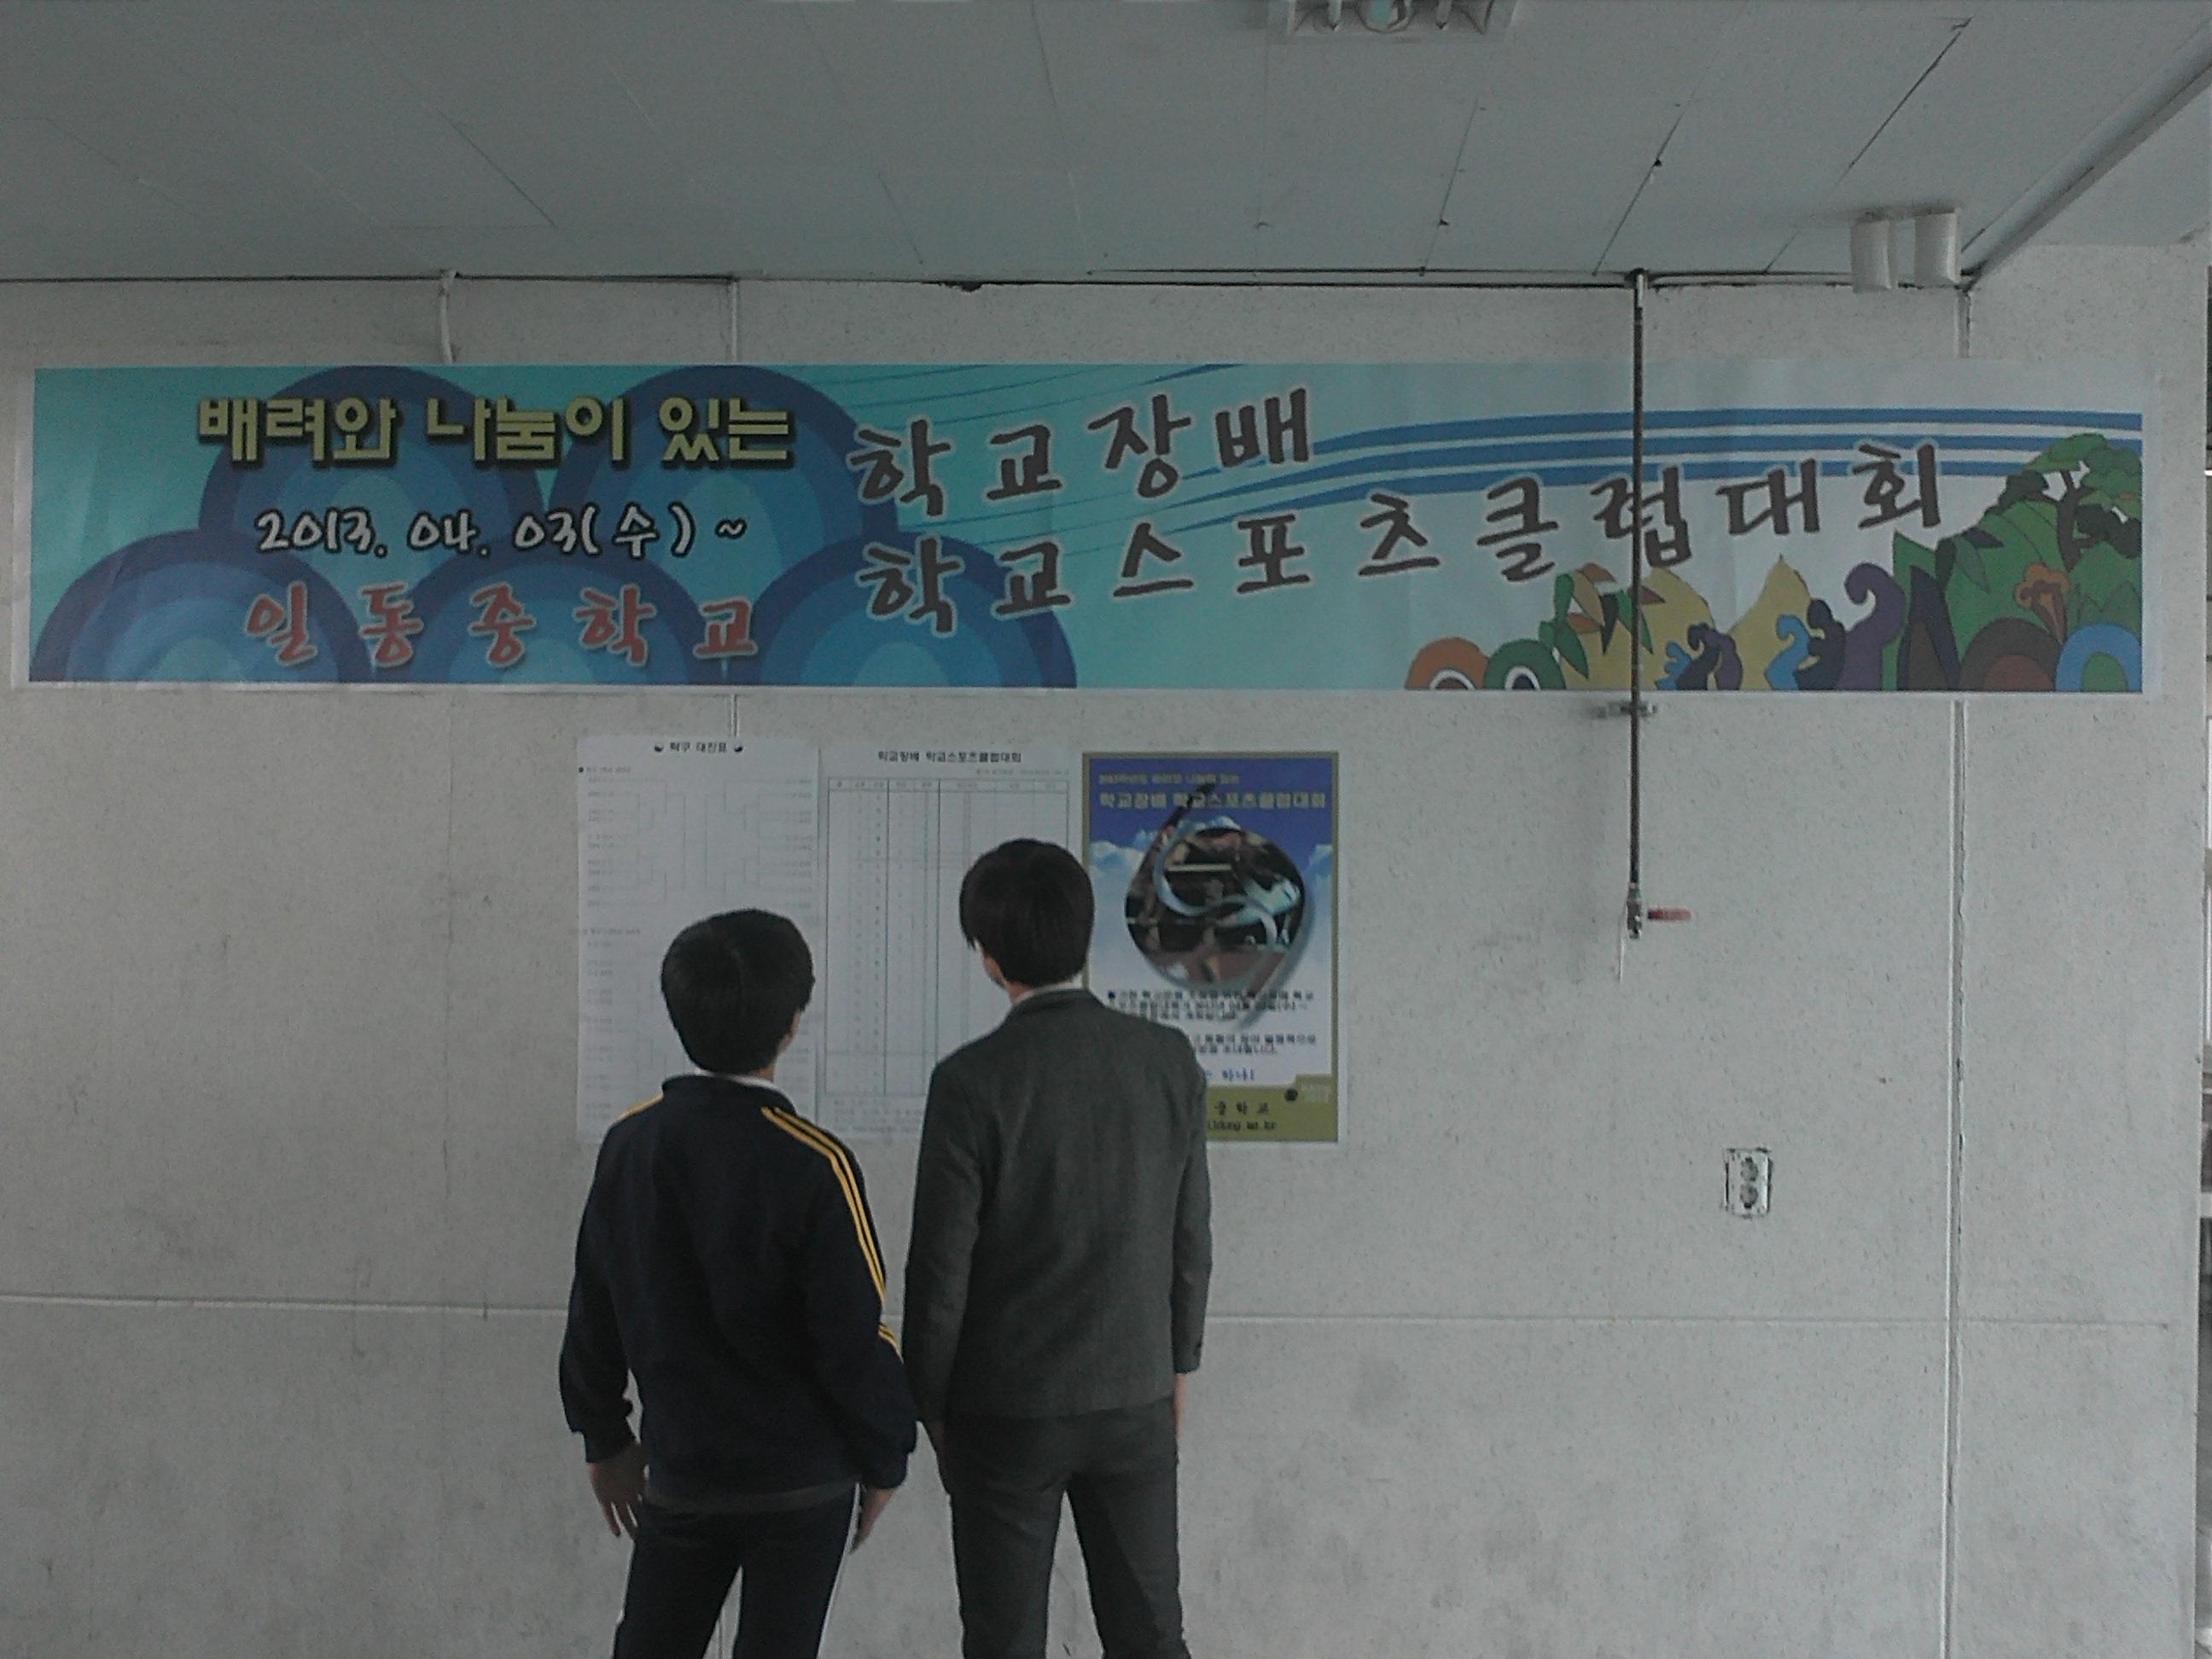 [일반] 배려와 나눔이 있는 2013학교장배 학교스포츠클럽대회의 첨부이미지 5